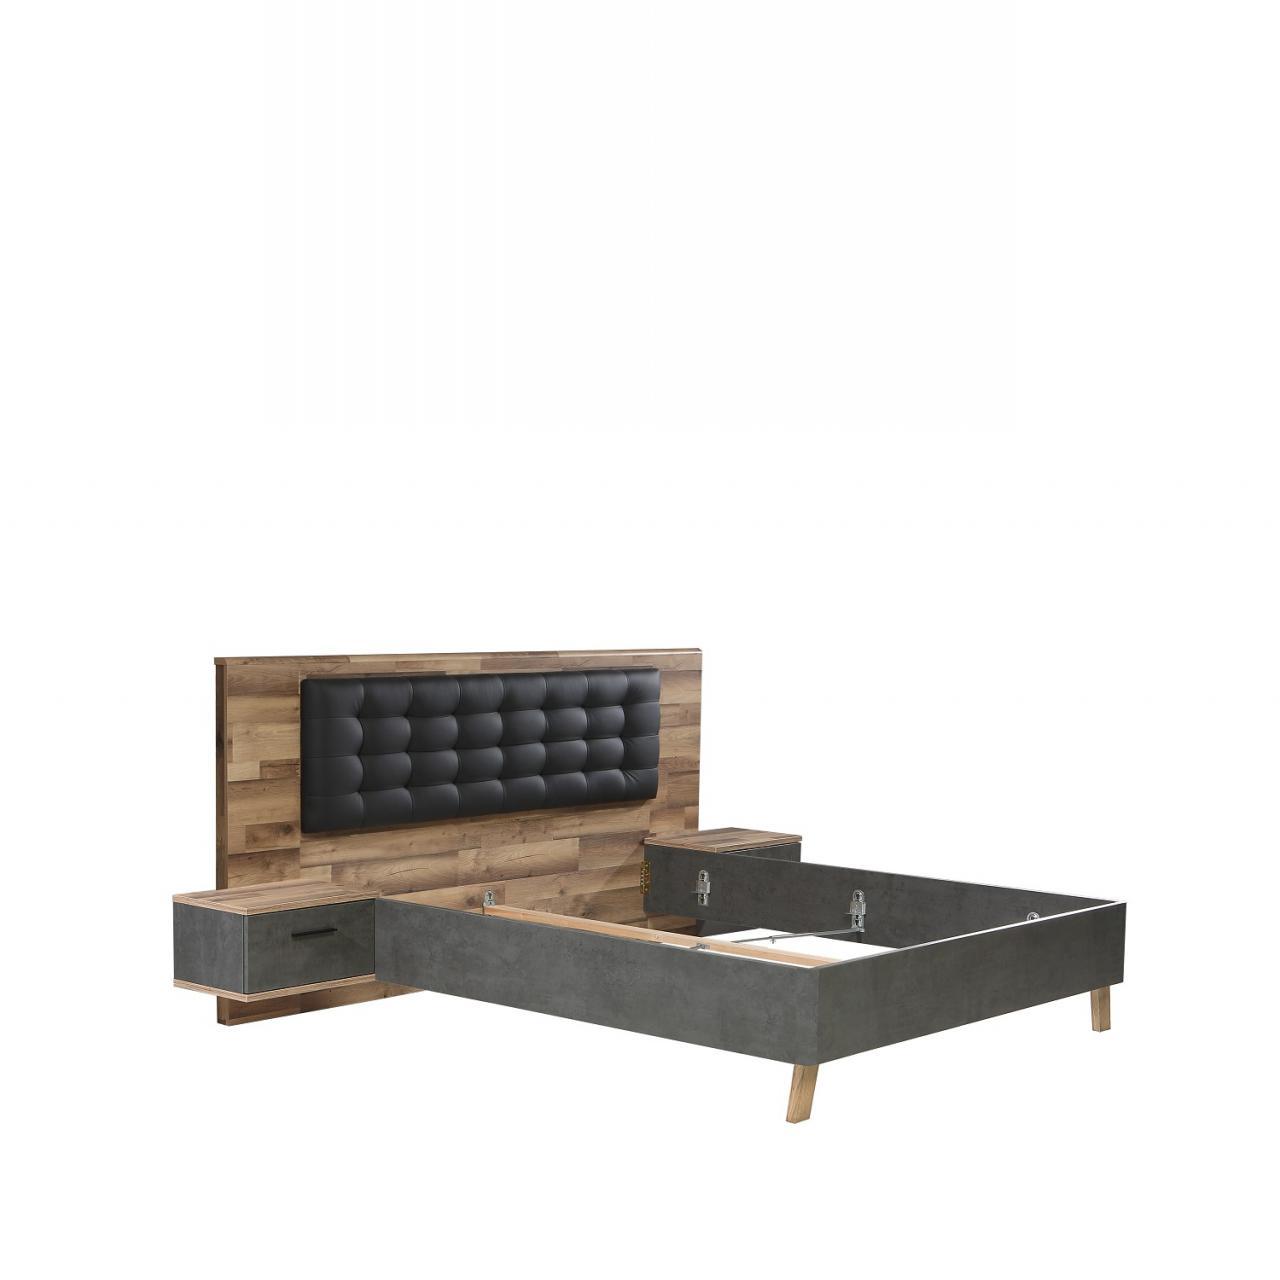 Bettanlage Ricciano Stabeiche Nb. Betonoptik Dunkelgrau 180x200 MDF Schlafzimmer